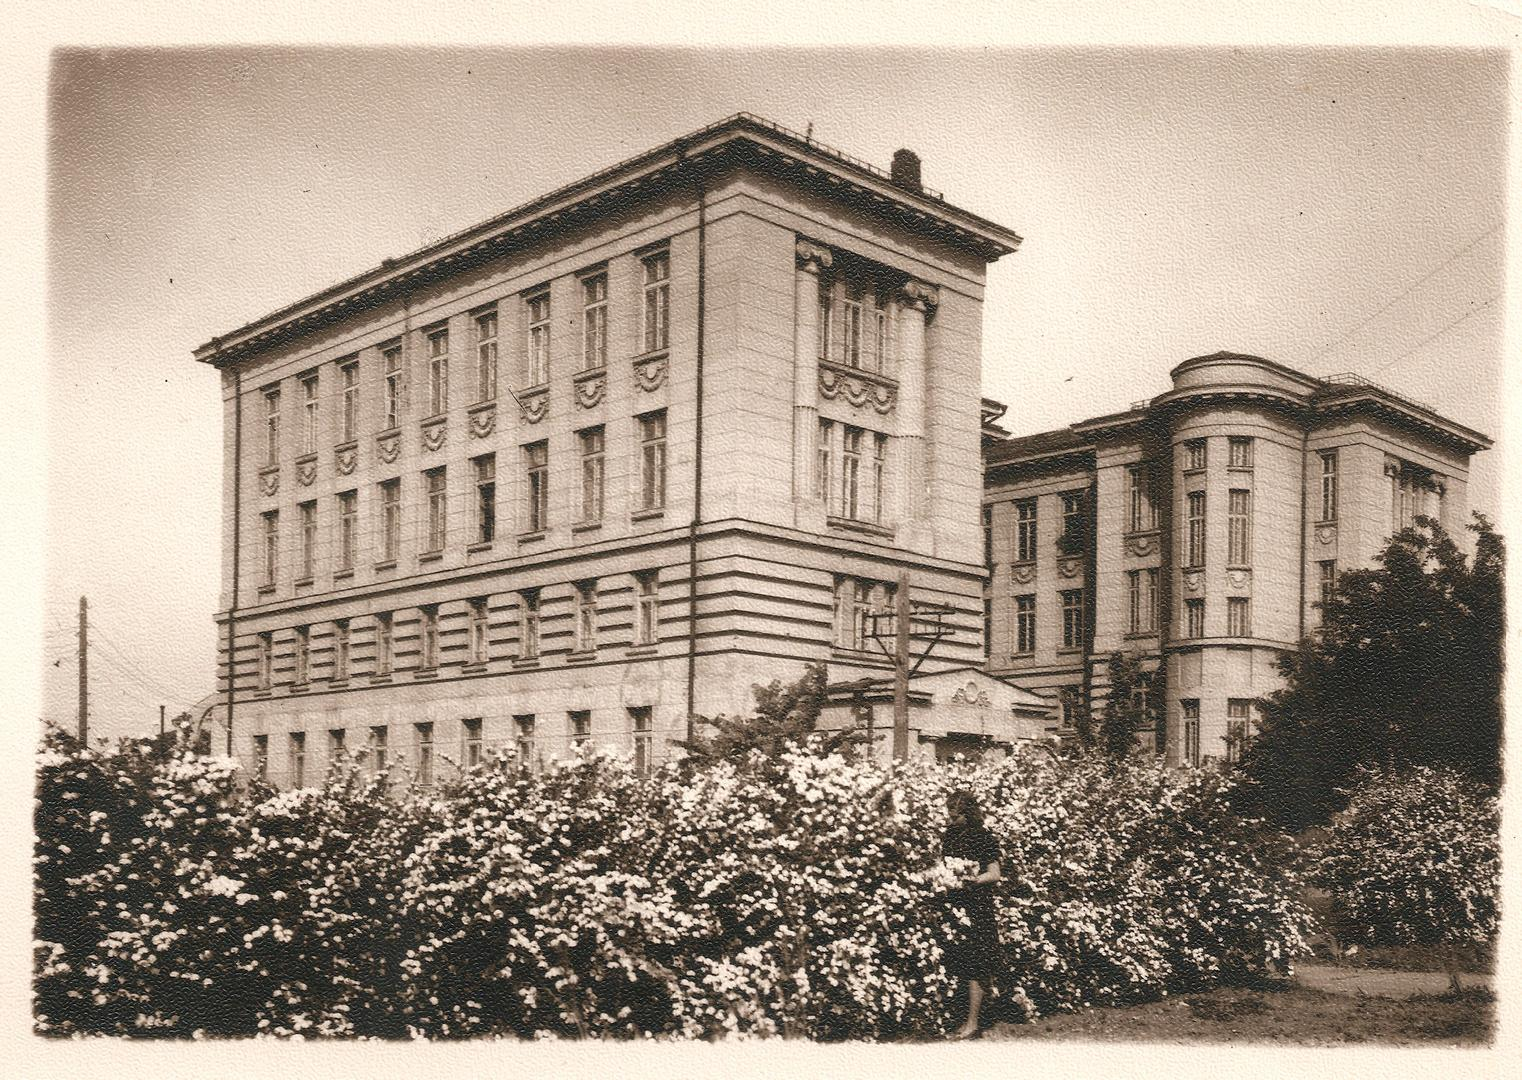 Институт факультет фотография 20 фотография